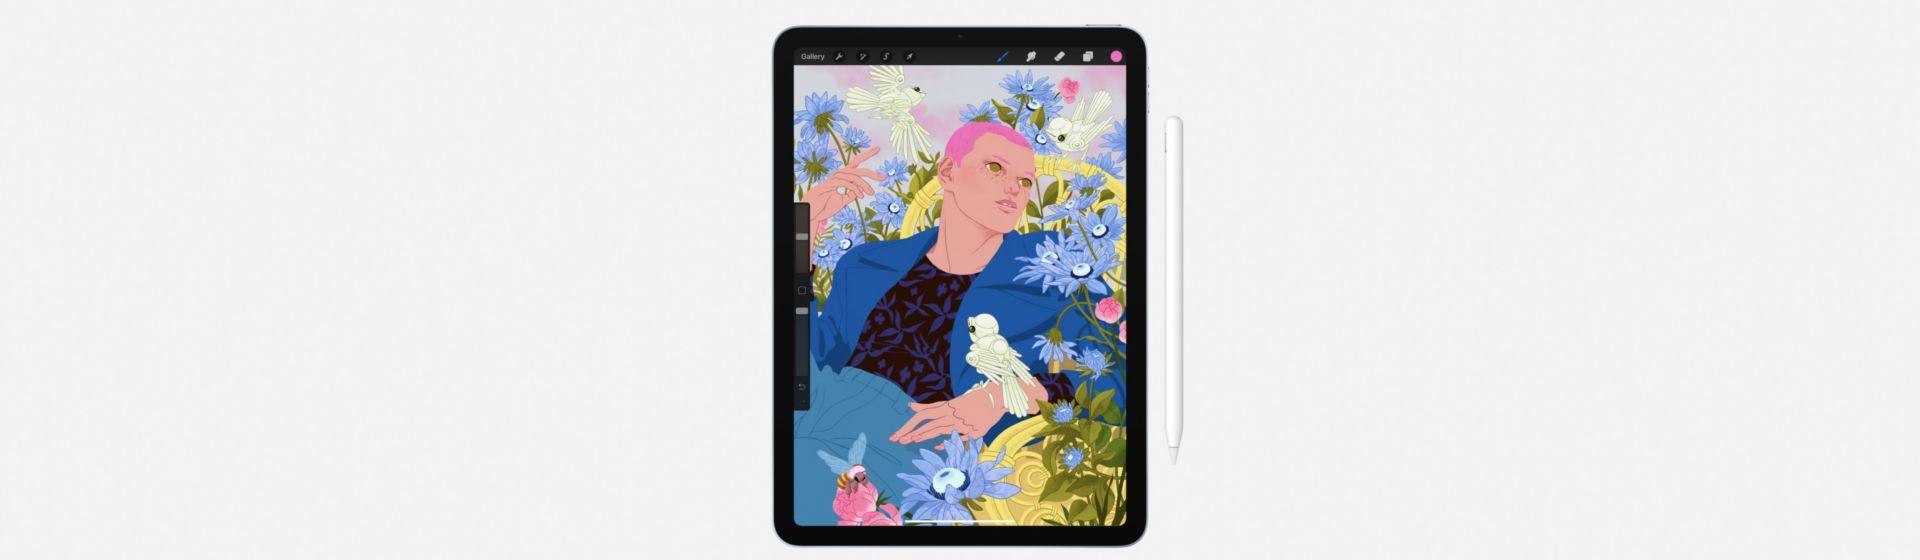 Apple anuncia iPad 8 e iPad Air 4: saiba preços do lançamento